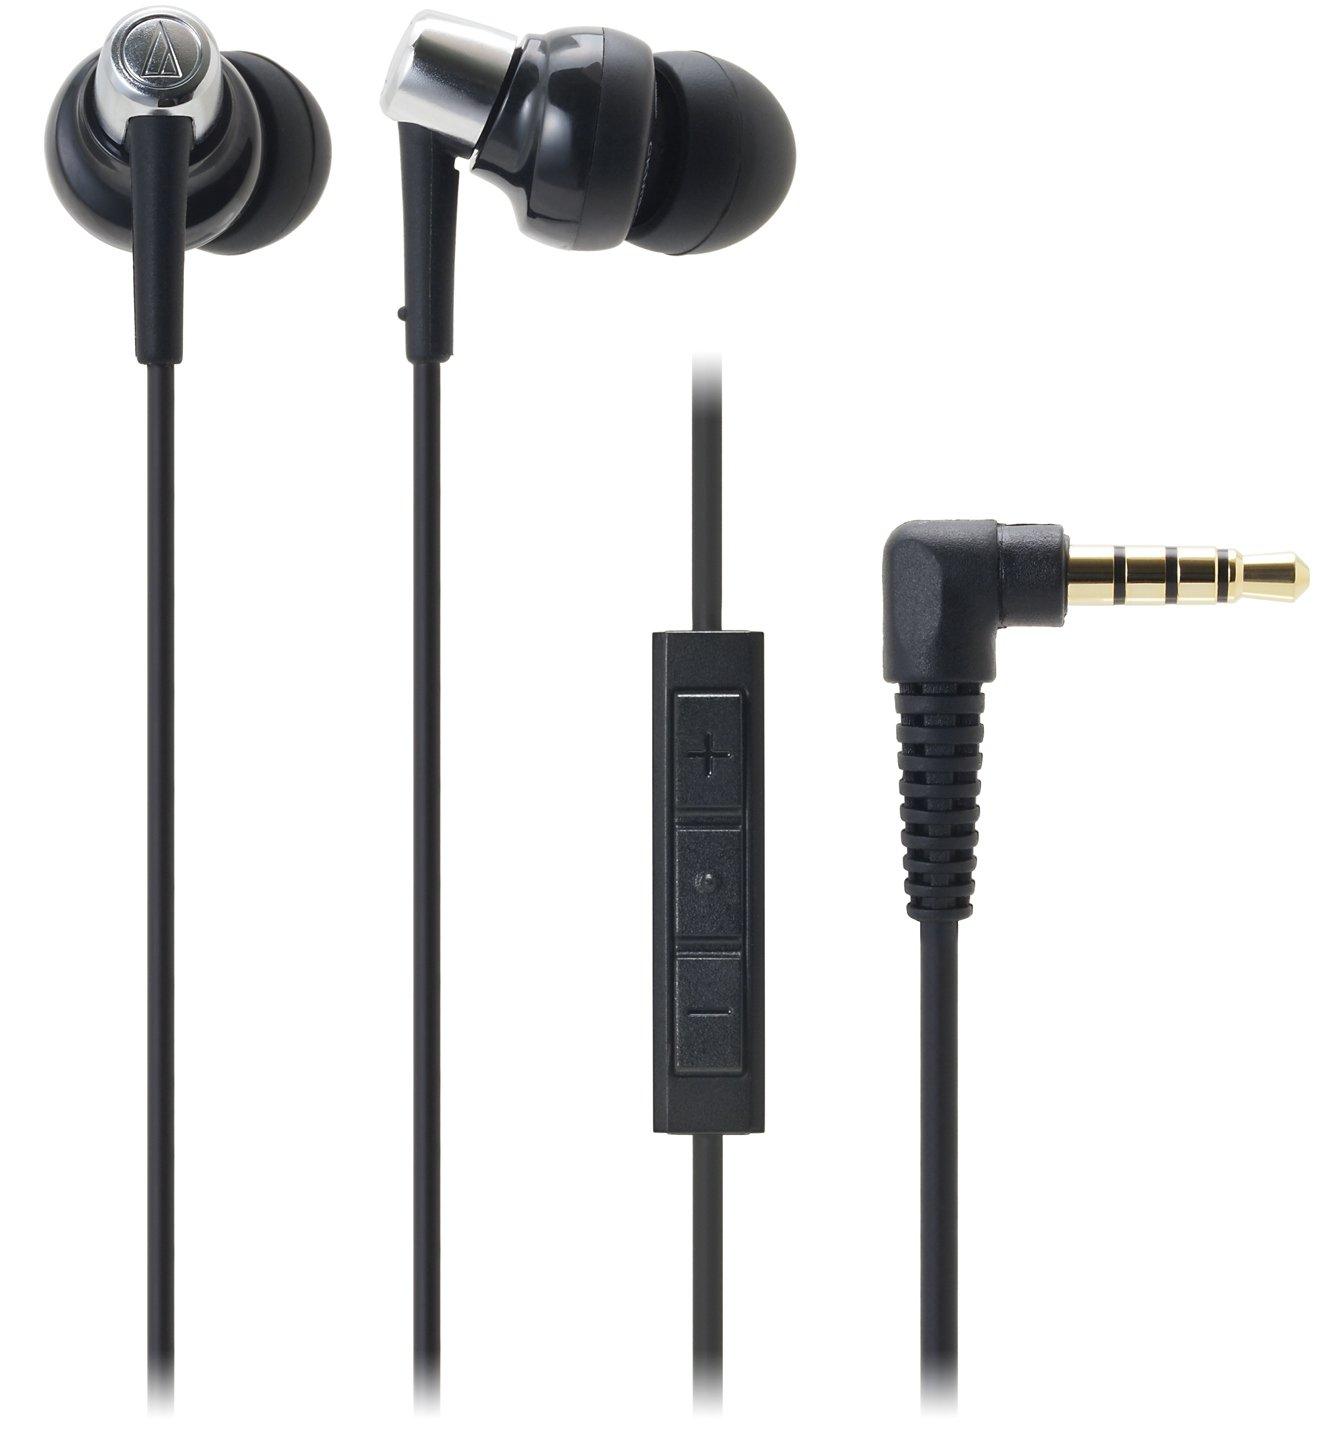 耳机选购攻略及入门级耳机推荐 - 第2张  | 淘她喜欢